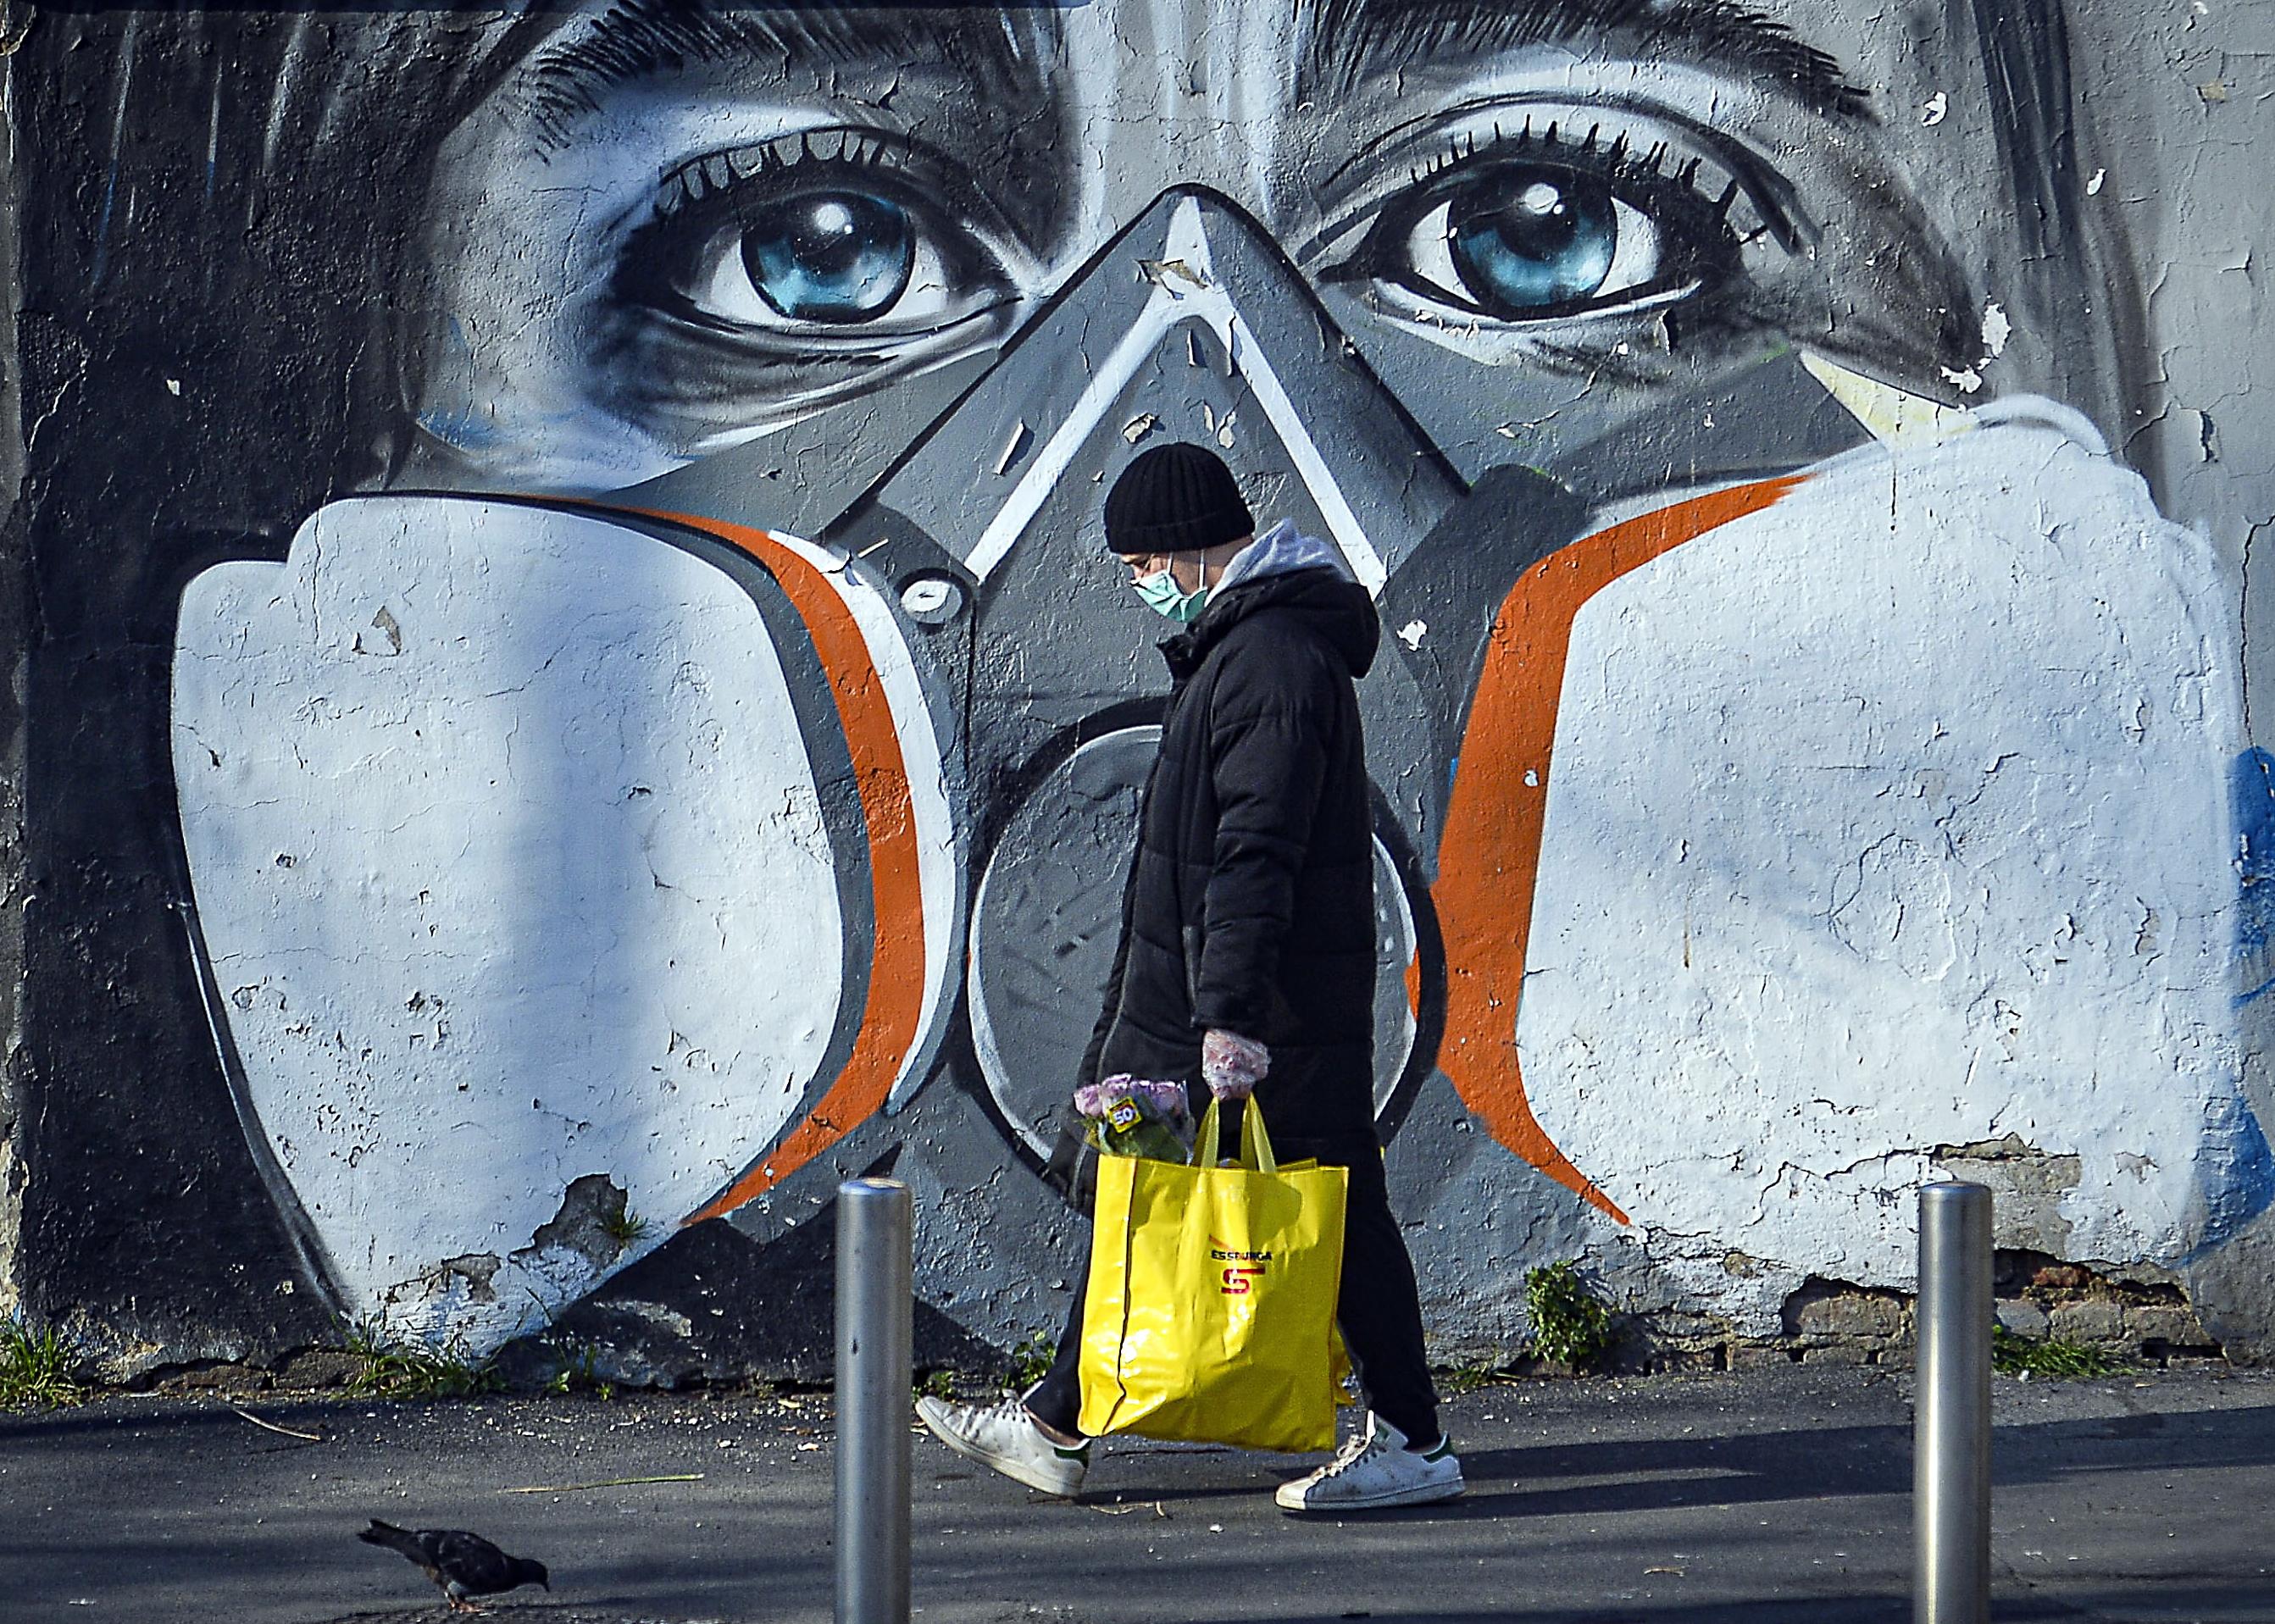 Um homem anda com suas compras ao lado de uma pintura mural que retrata uma pessoa usando uma máscara de gás, Milão, Itália, 16 de março de 2020. A Itália está trancada na tentativa de impedir a propagação do pandêmico Coronavírus. Vários países europeus fecharam fronteiras, escolas e instalações públicas e cancelaram a maioria dos principais eventos esportivos e de entretenimento, a fim de impedir a propagação do coronavírus SARS-CoV-2, causando a doença Covid-19. EPA / ANDREA FASANI